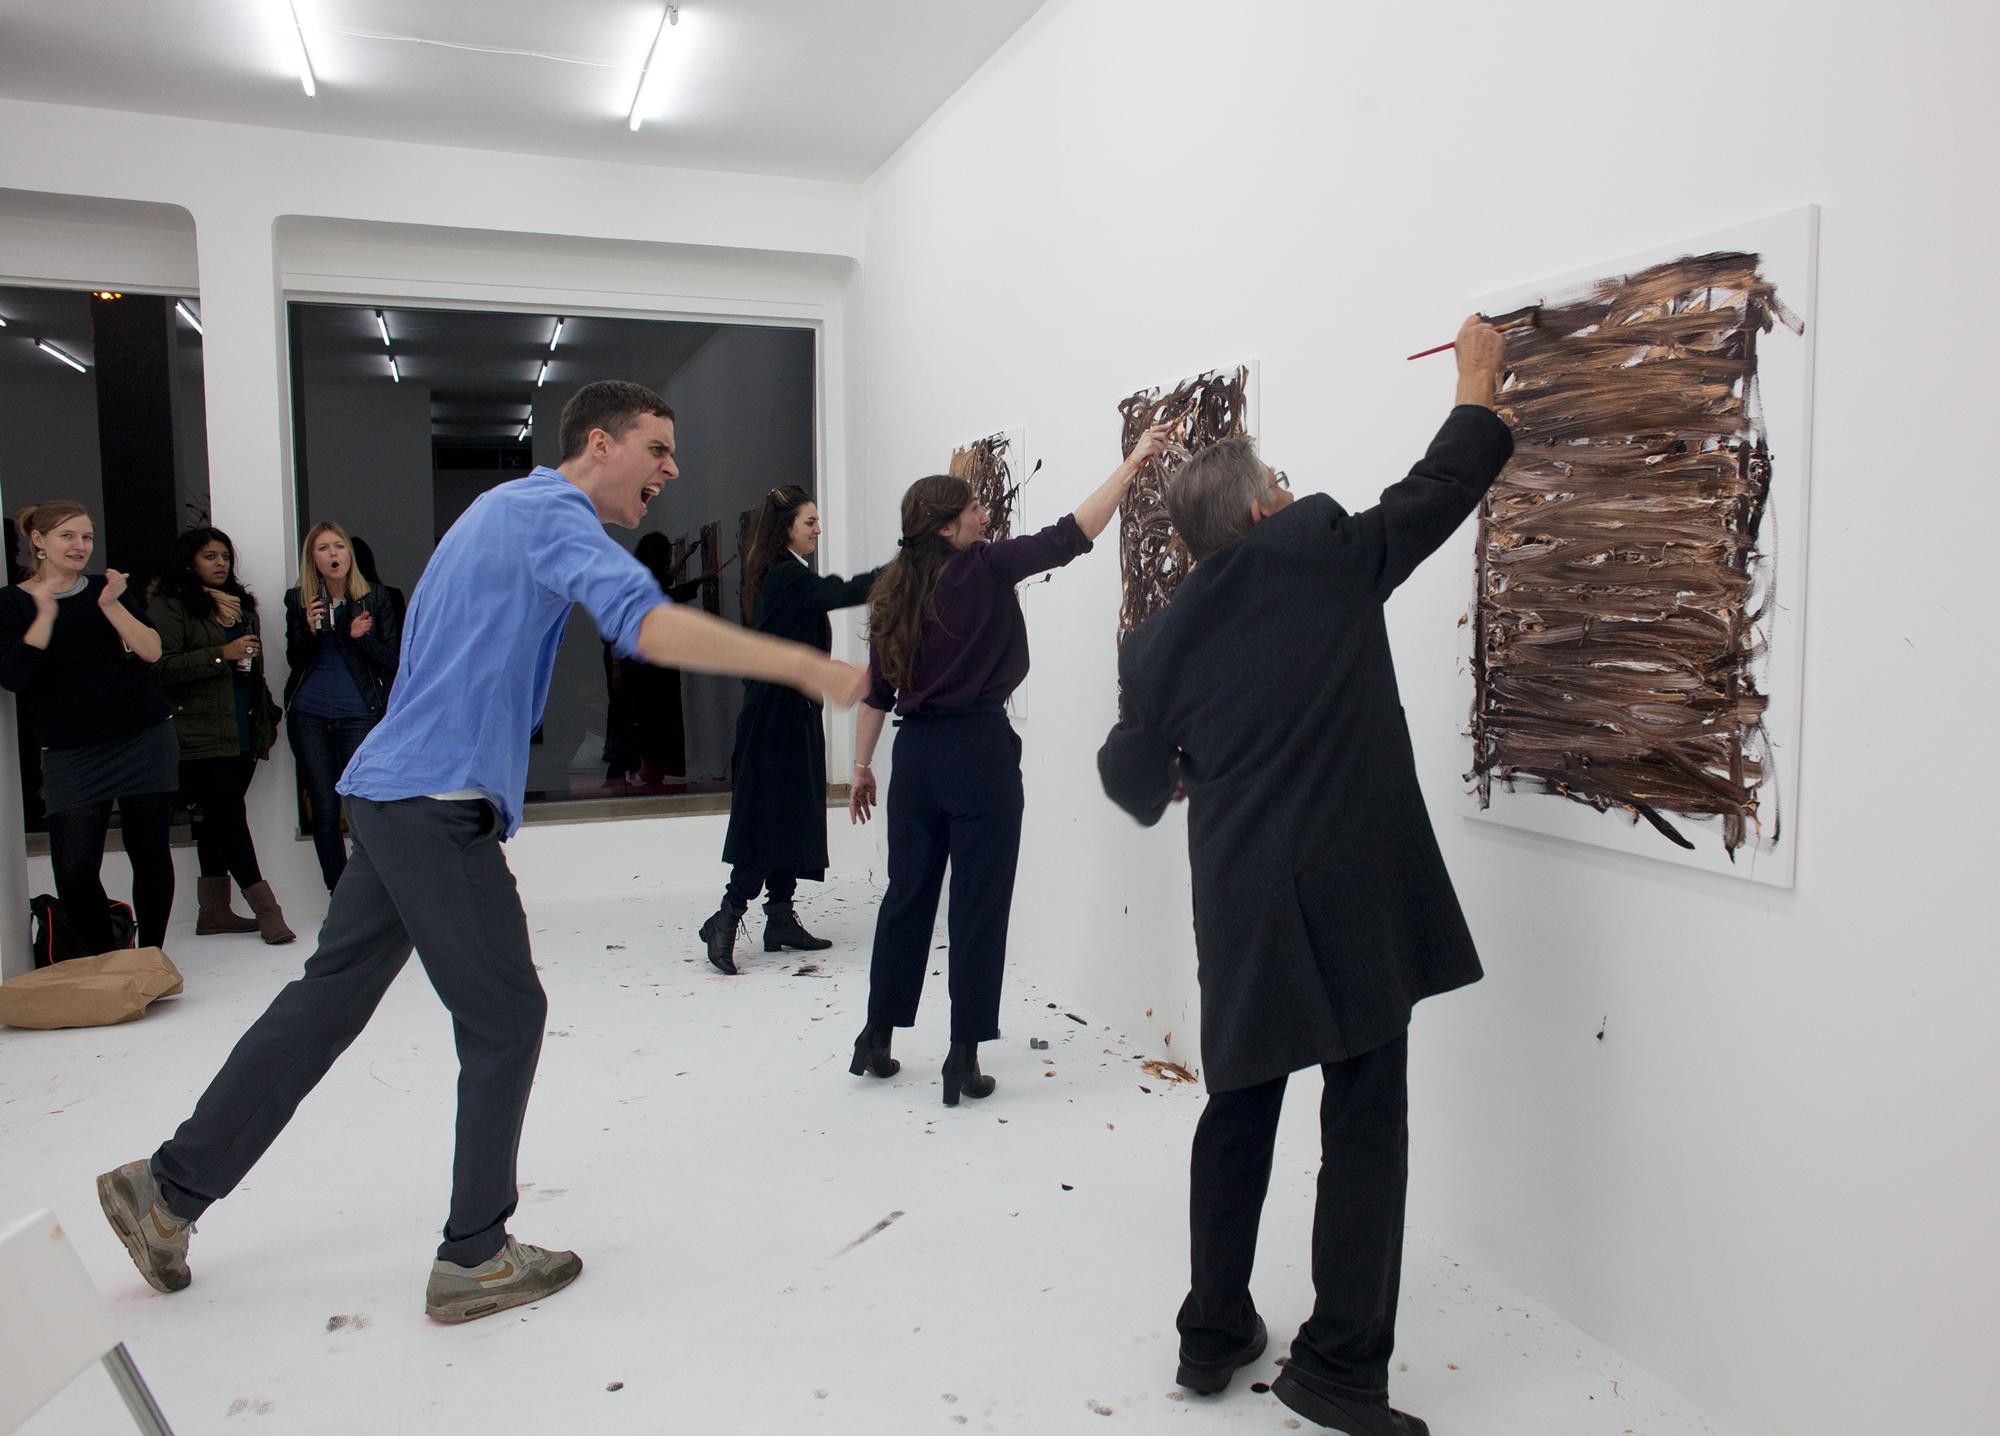 Christian Falsnaes One, 2013 Performance, Öl auf Leinwand Foto: Alwin Lay Courtesy der Künstler und PSM, Berlin